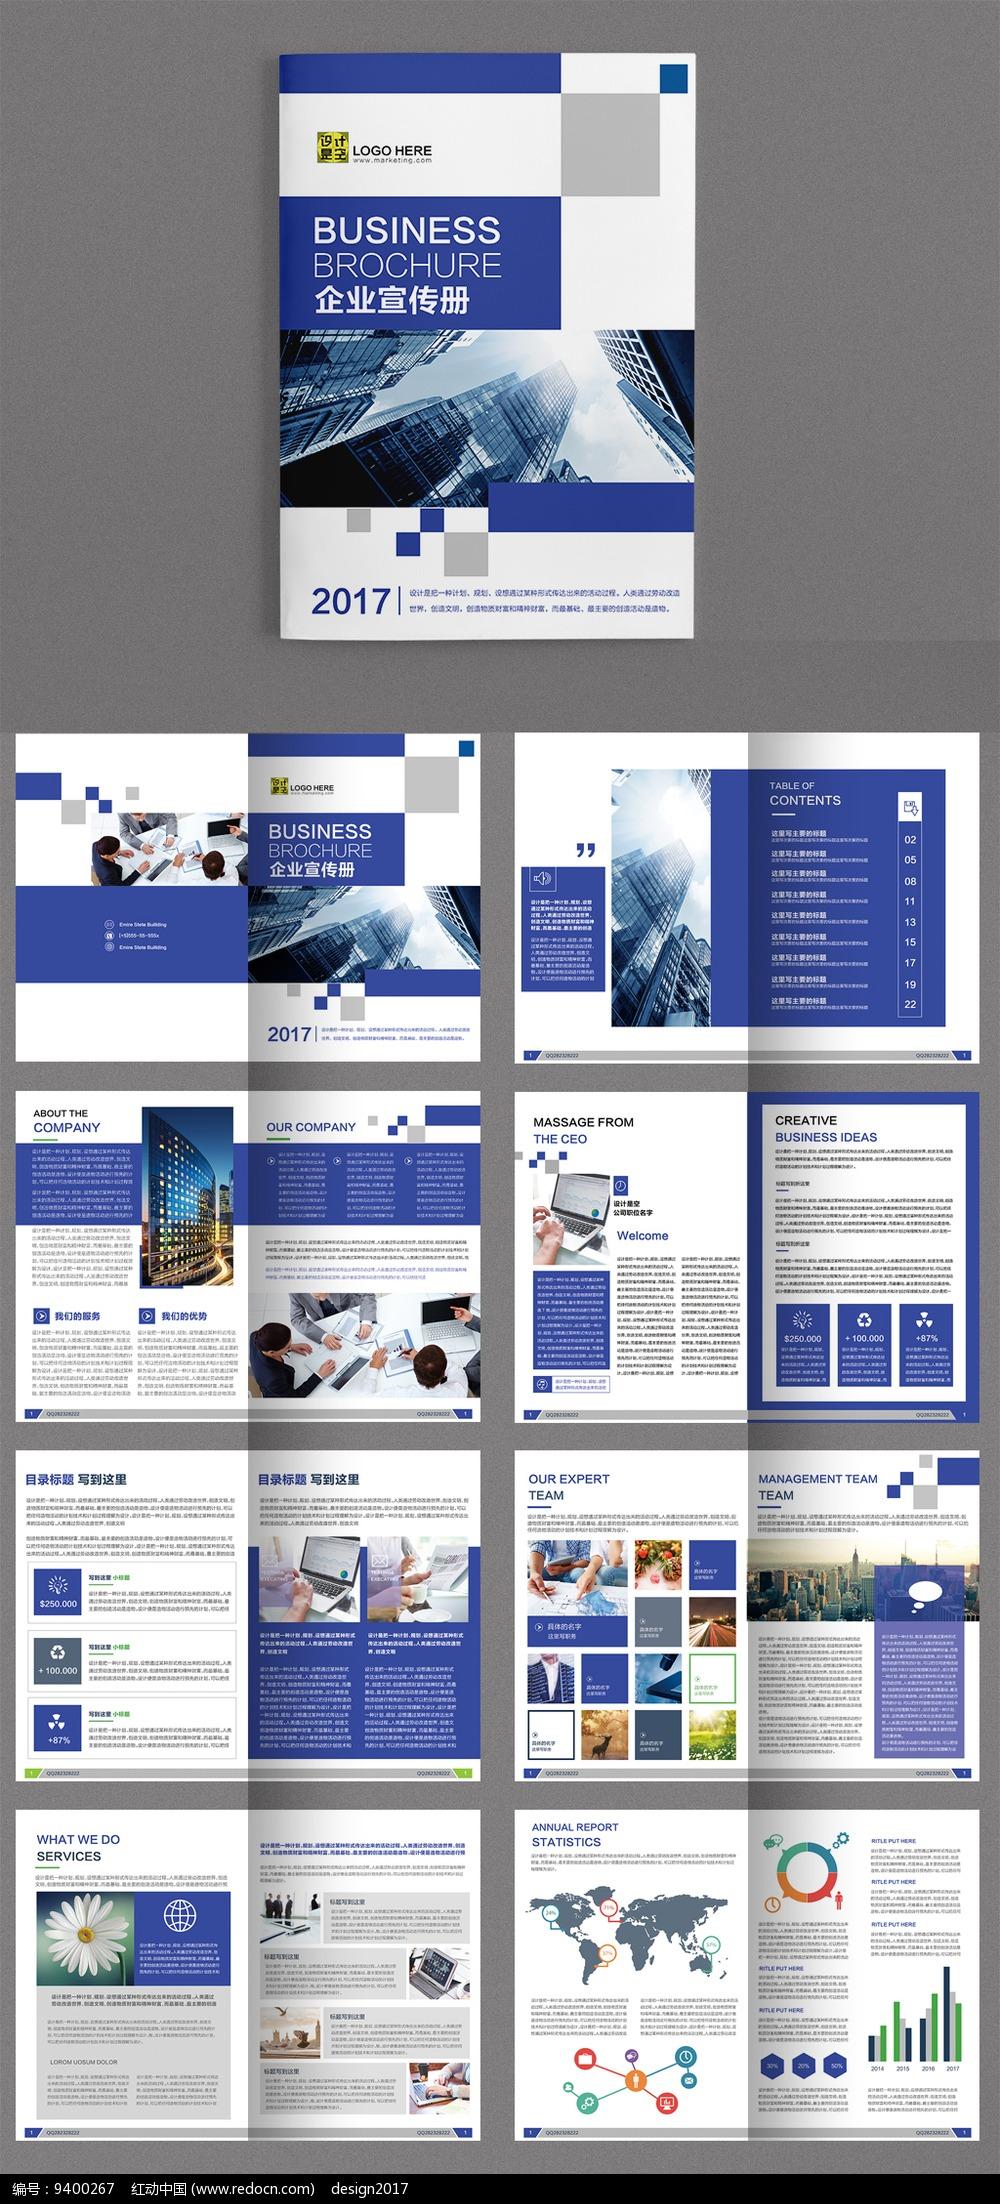 简约蓝色商务企业宣传画册设计整套素材图片